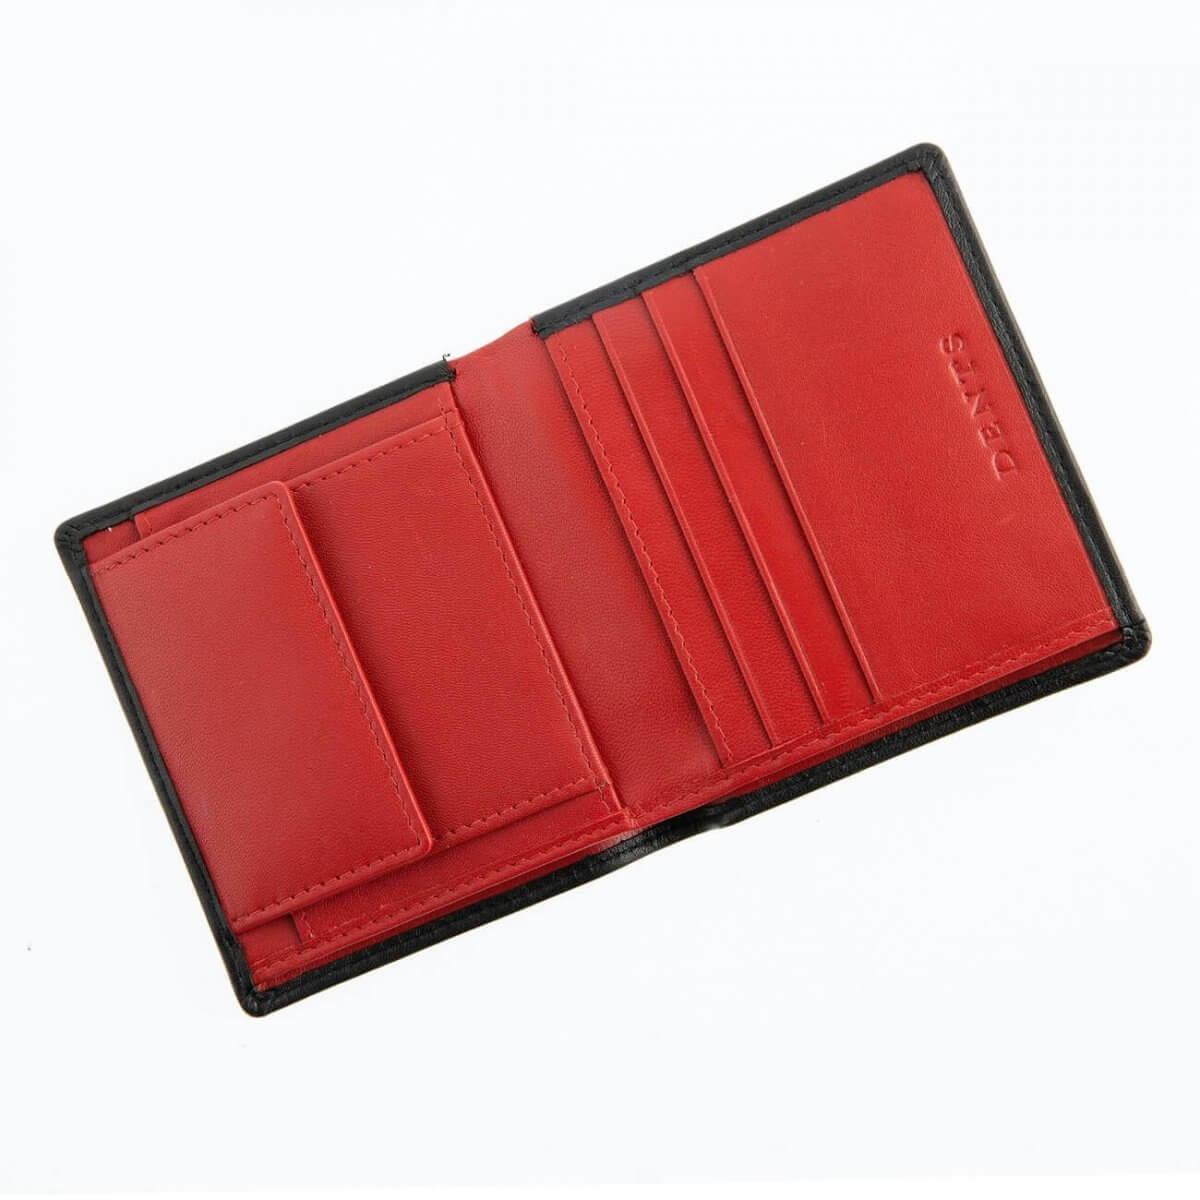 Black & Red Leather Dents Card Holder